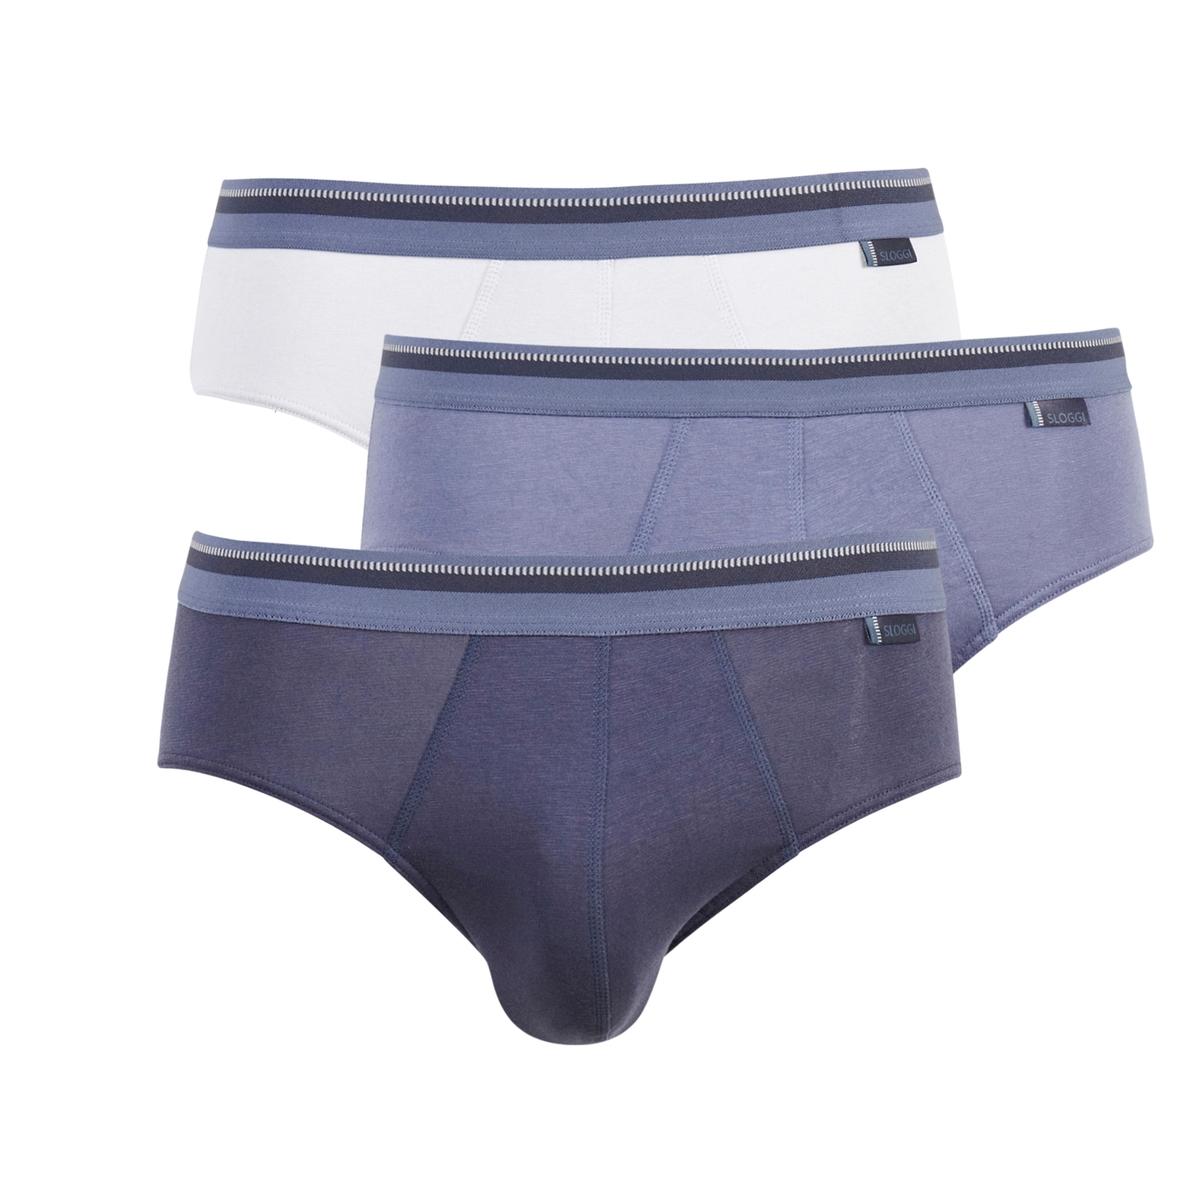 3 трусов-слипов для мужчинТрусы-слипы SLOGGI MEN URBAN от TRIUMPH : невероятно удобные и комфортные !95% хлопка, 5% эластана. Эластичный пояс с название марки TRIUMPH.Машинная стрика при 30°, комплект из 3.<br><br>Цвет: серый + синий + темно-синий